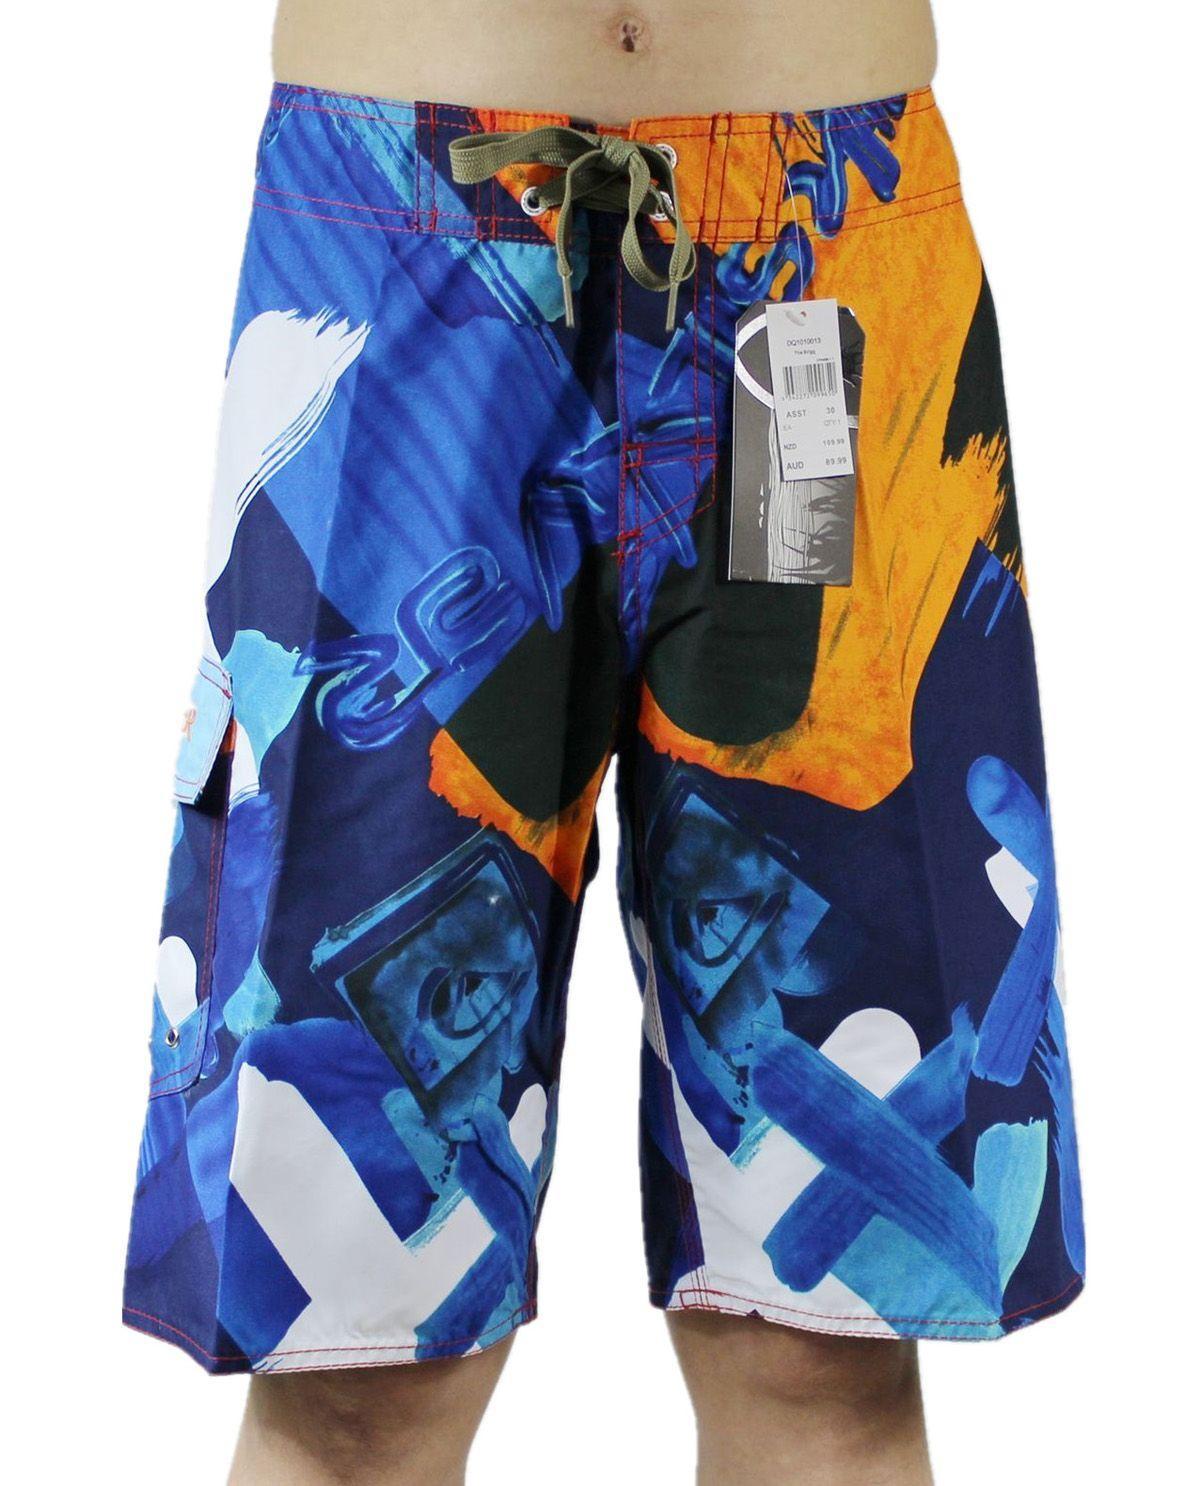 Ücretsiz Kargo Polyester Rahat Düşük Moda Şort Mens Hızlı Kuru Surf Pantolon Swim Sandıklar Mayo Swim Pantolon Bermuda Şort Kurulu Şort